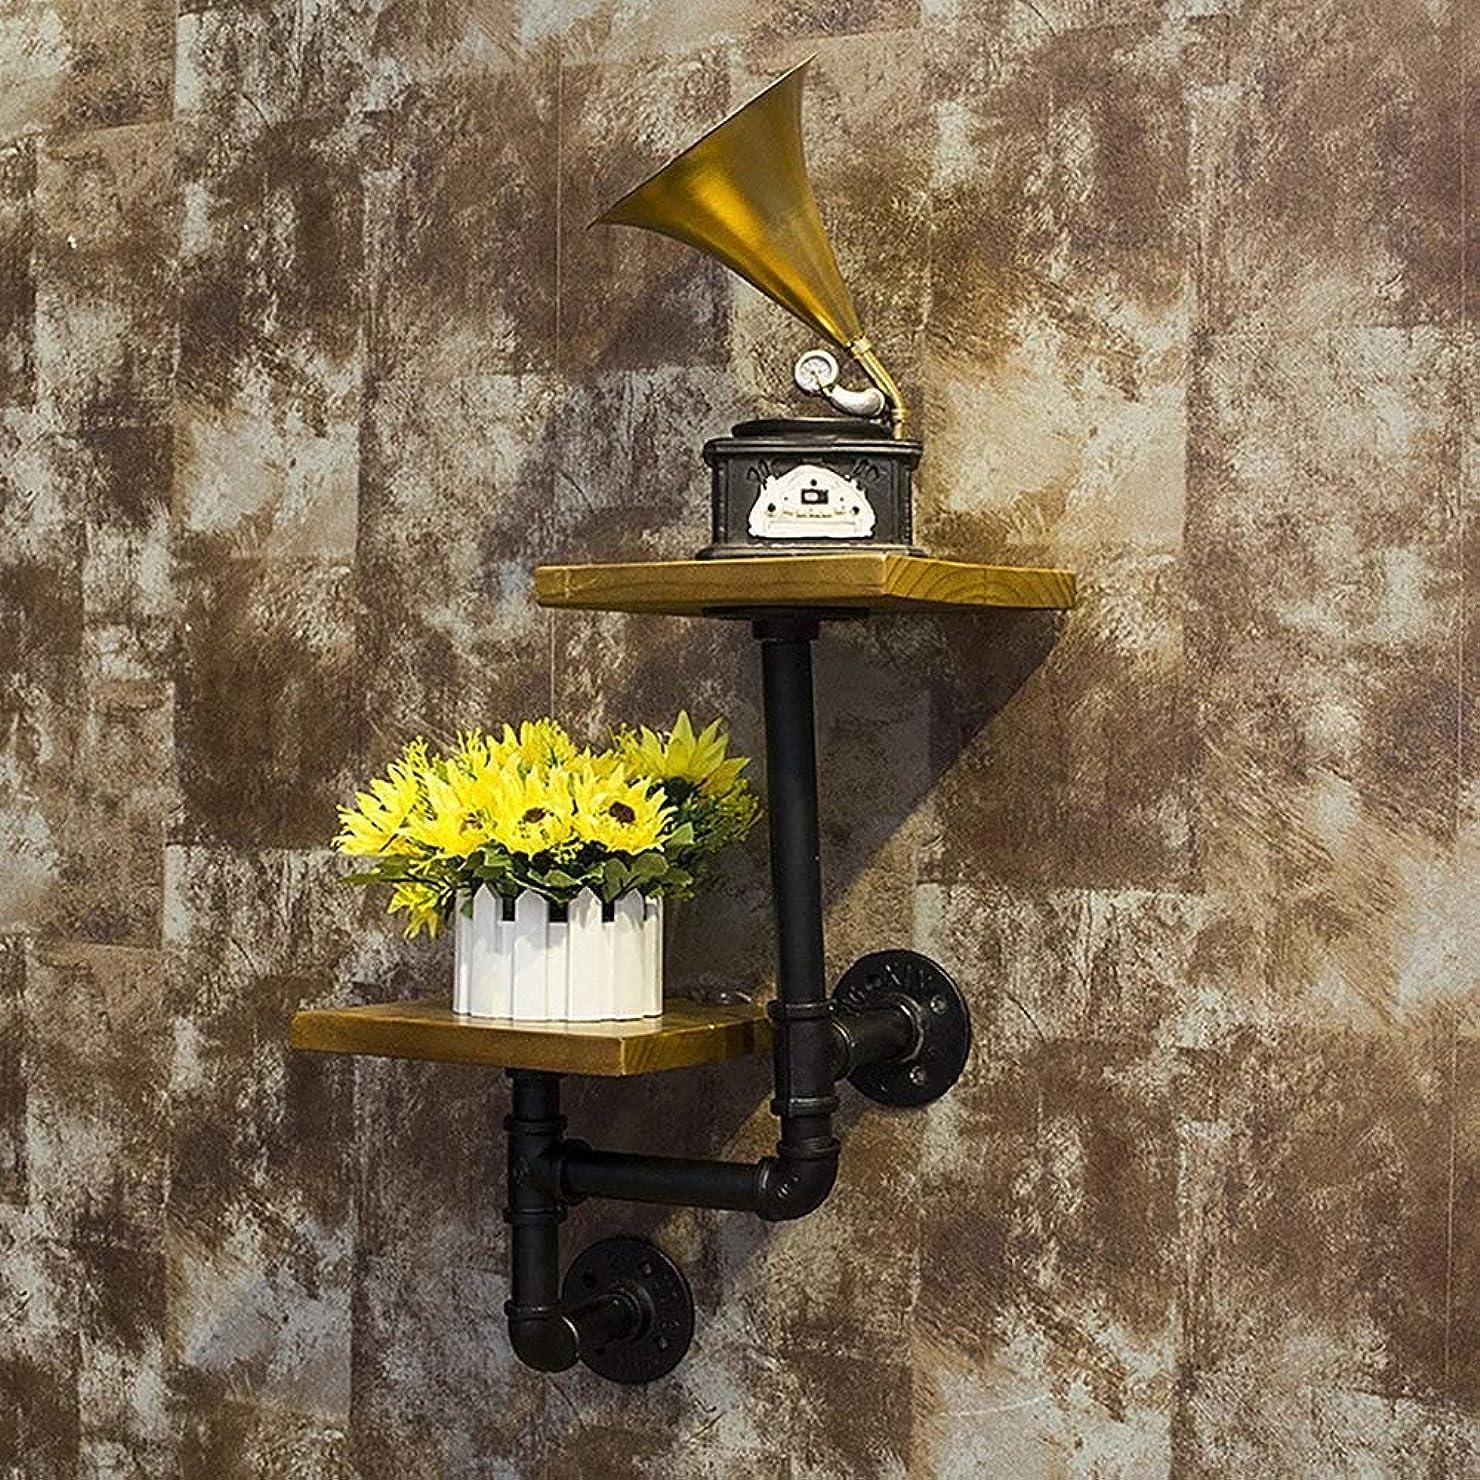 確かなディベート強いヴィンテージ錬鉄製の壁ラック吊りフレームシンプルな木製の本棚